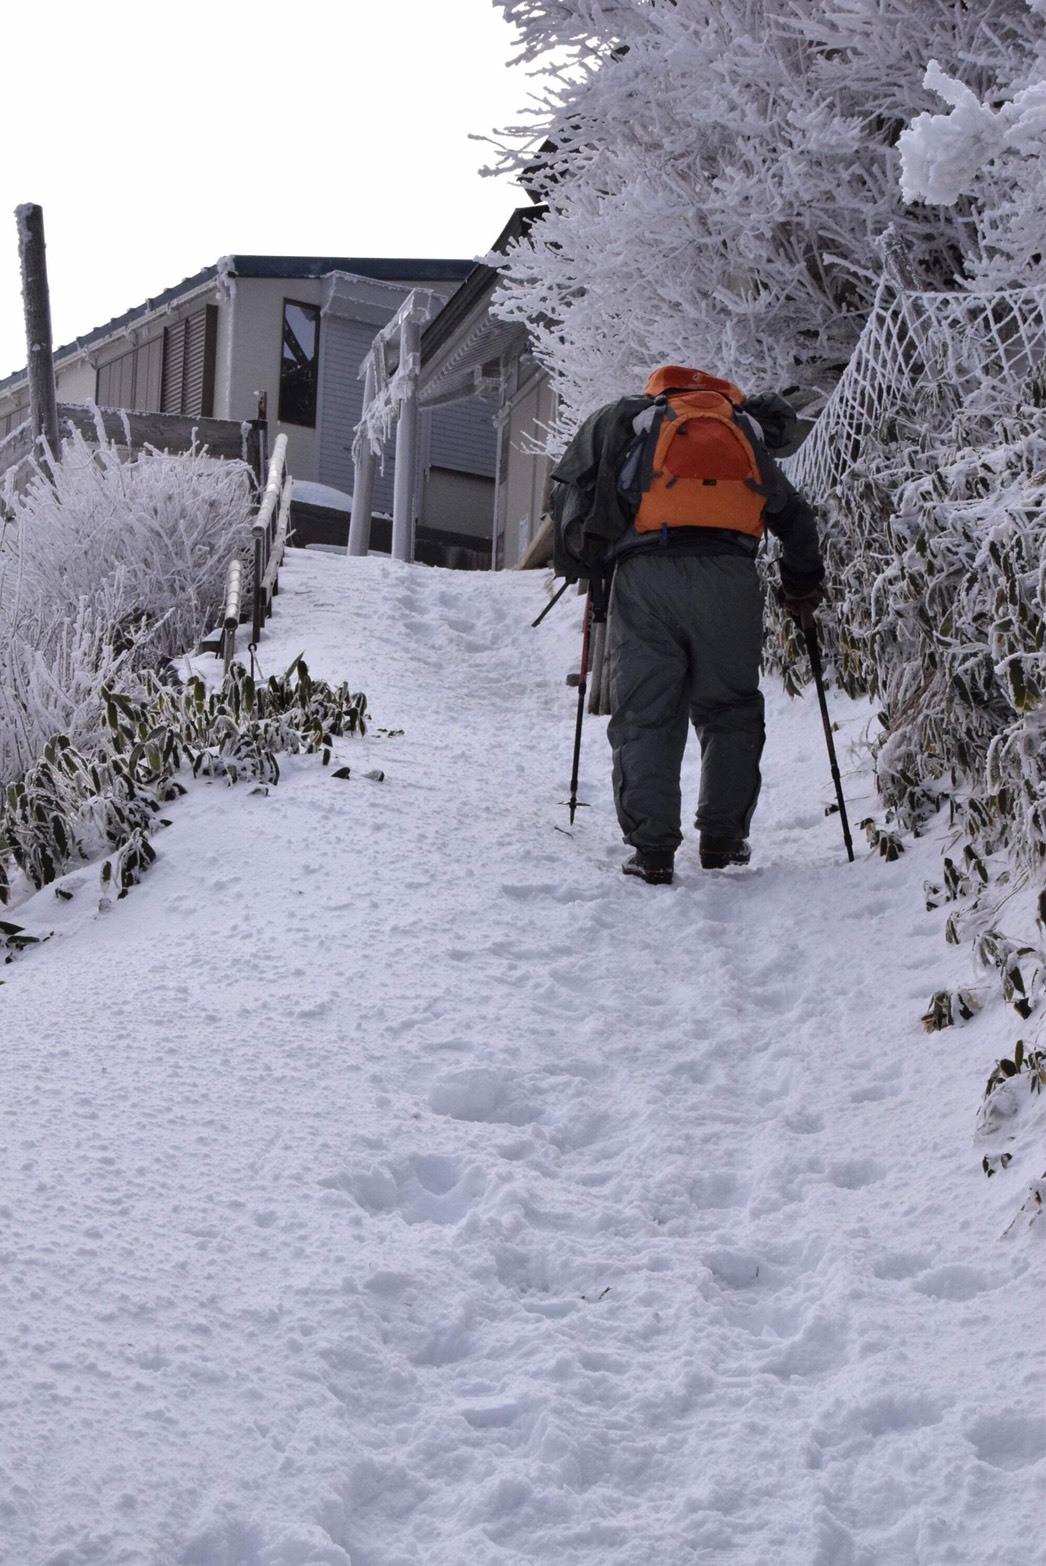 2月1日(土) 二代目登山報告_c0089831_22165091.jpeg